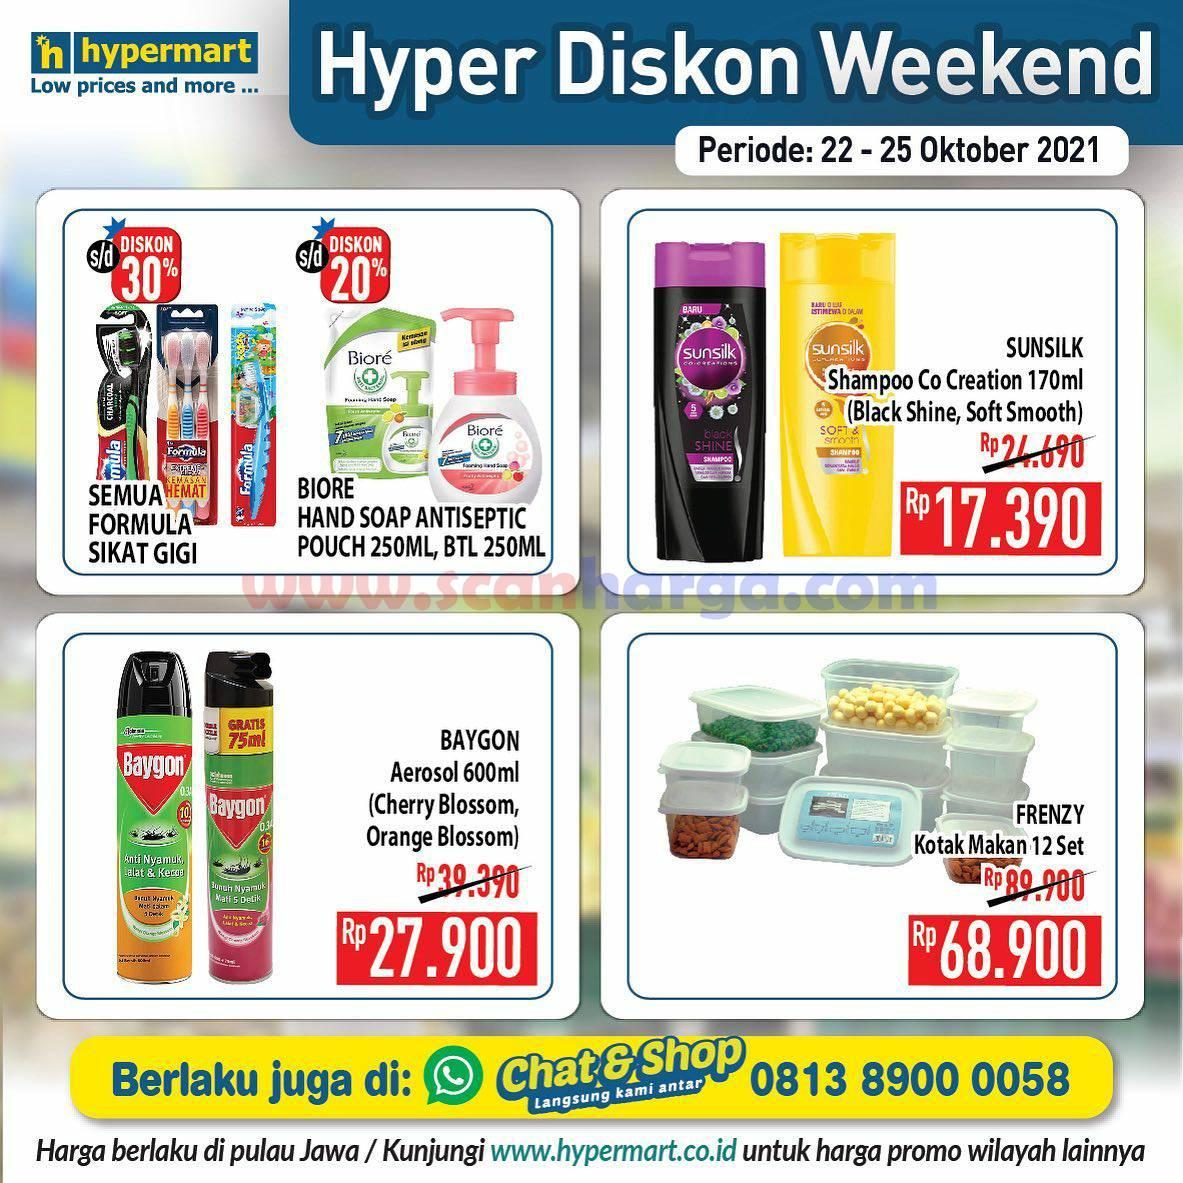 Promo Hypermart Weekend Terbaru 22 - 25 Oktober 2021 9